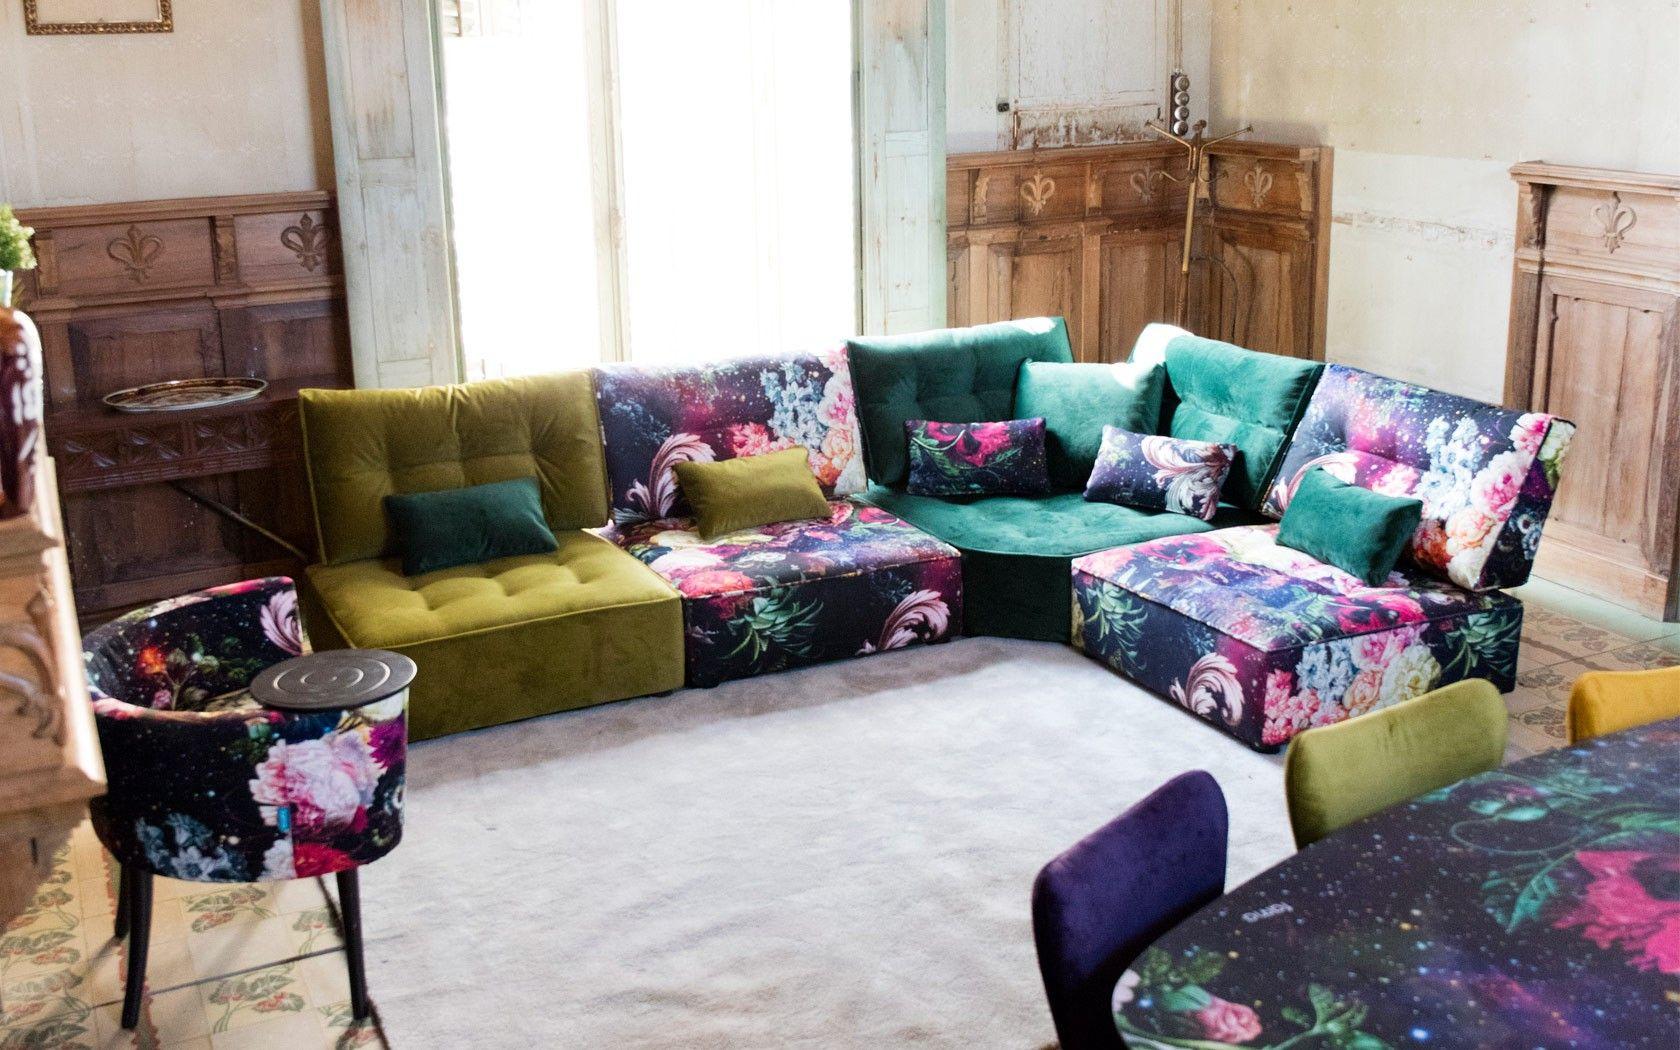 Arianne Love By Fama Sofas Canapes Fama En 2020 Mobilier De Salon Idees Deco Salle A Manger Mobilier De Salon Contemporain